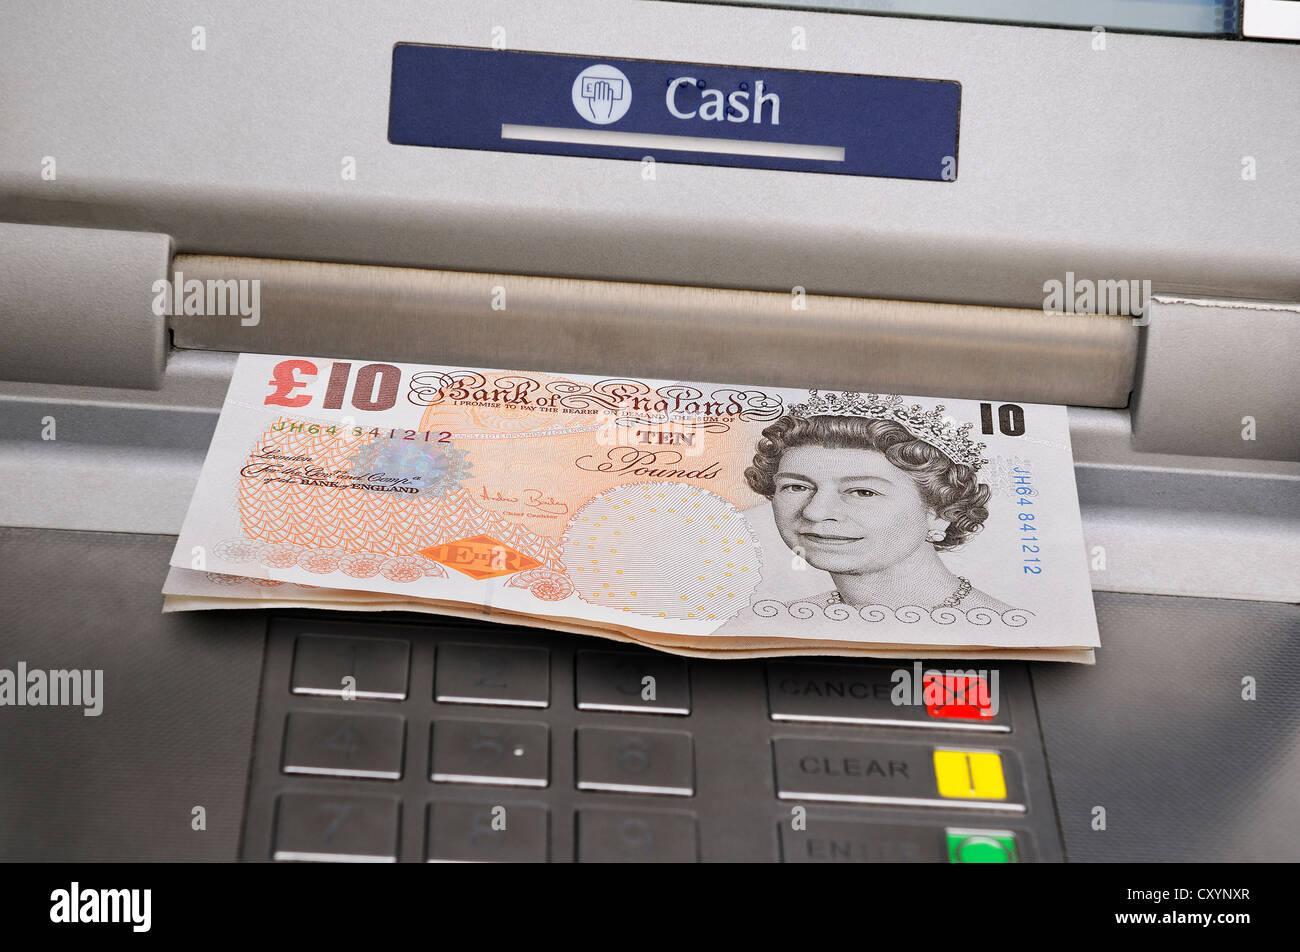 Cajeros caja dispensadora, Reino Unido. Imagen De Stock